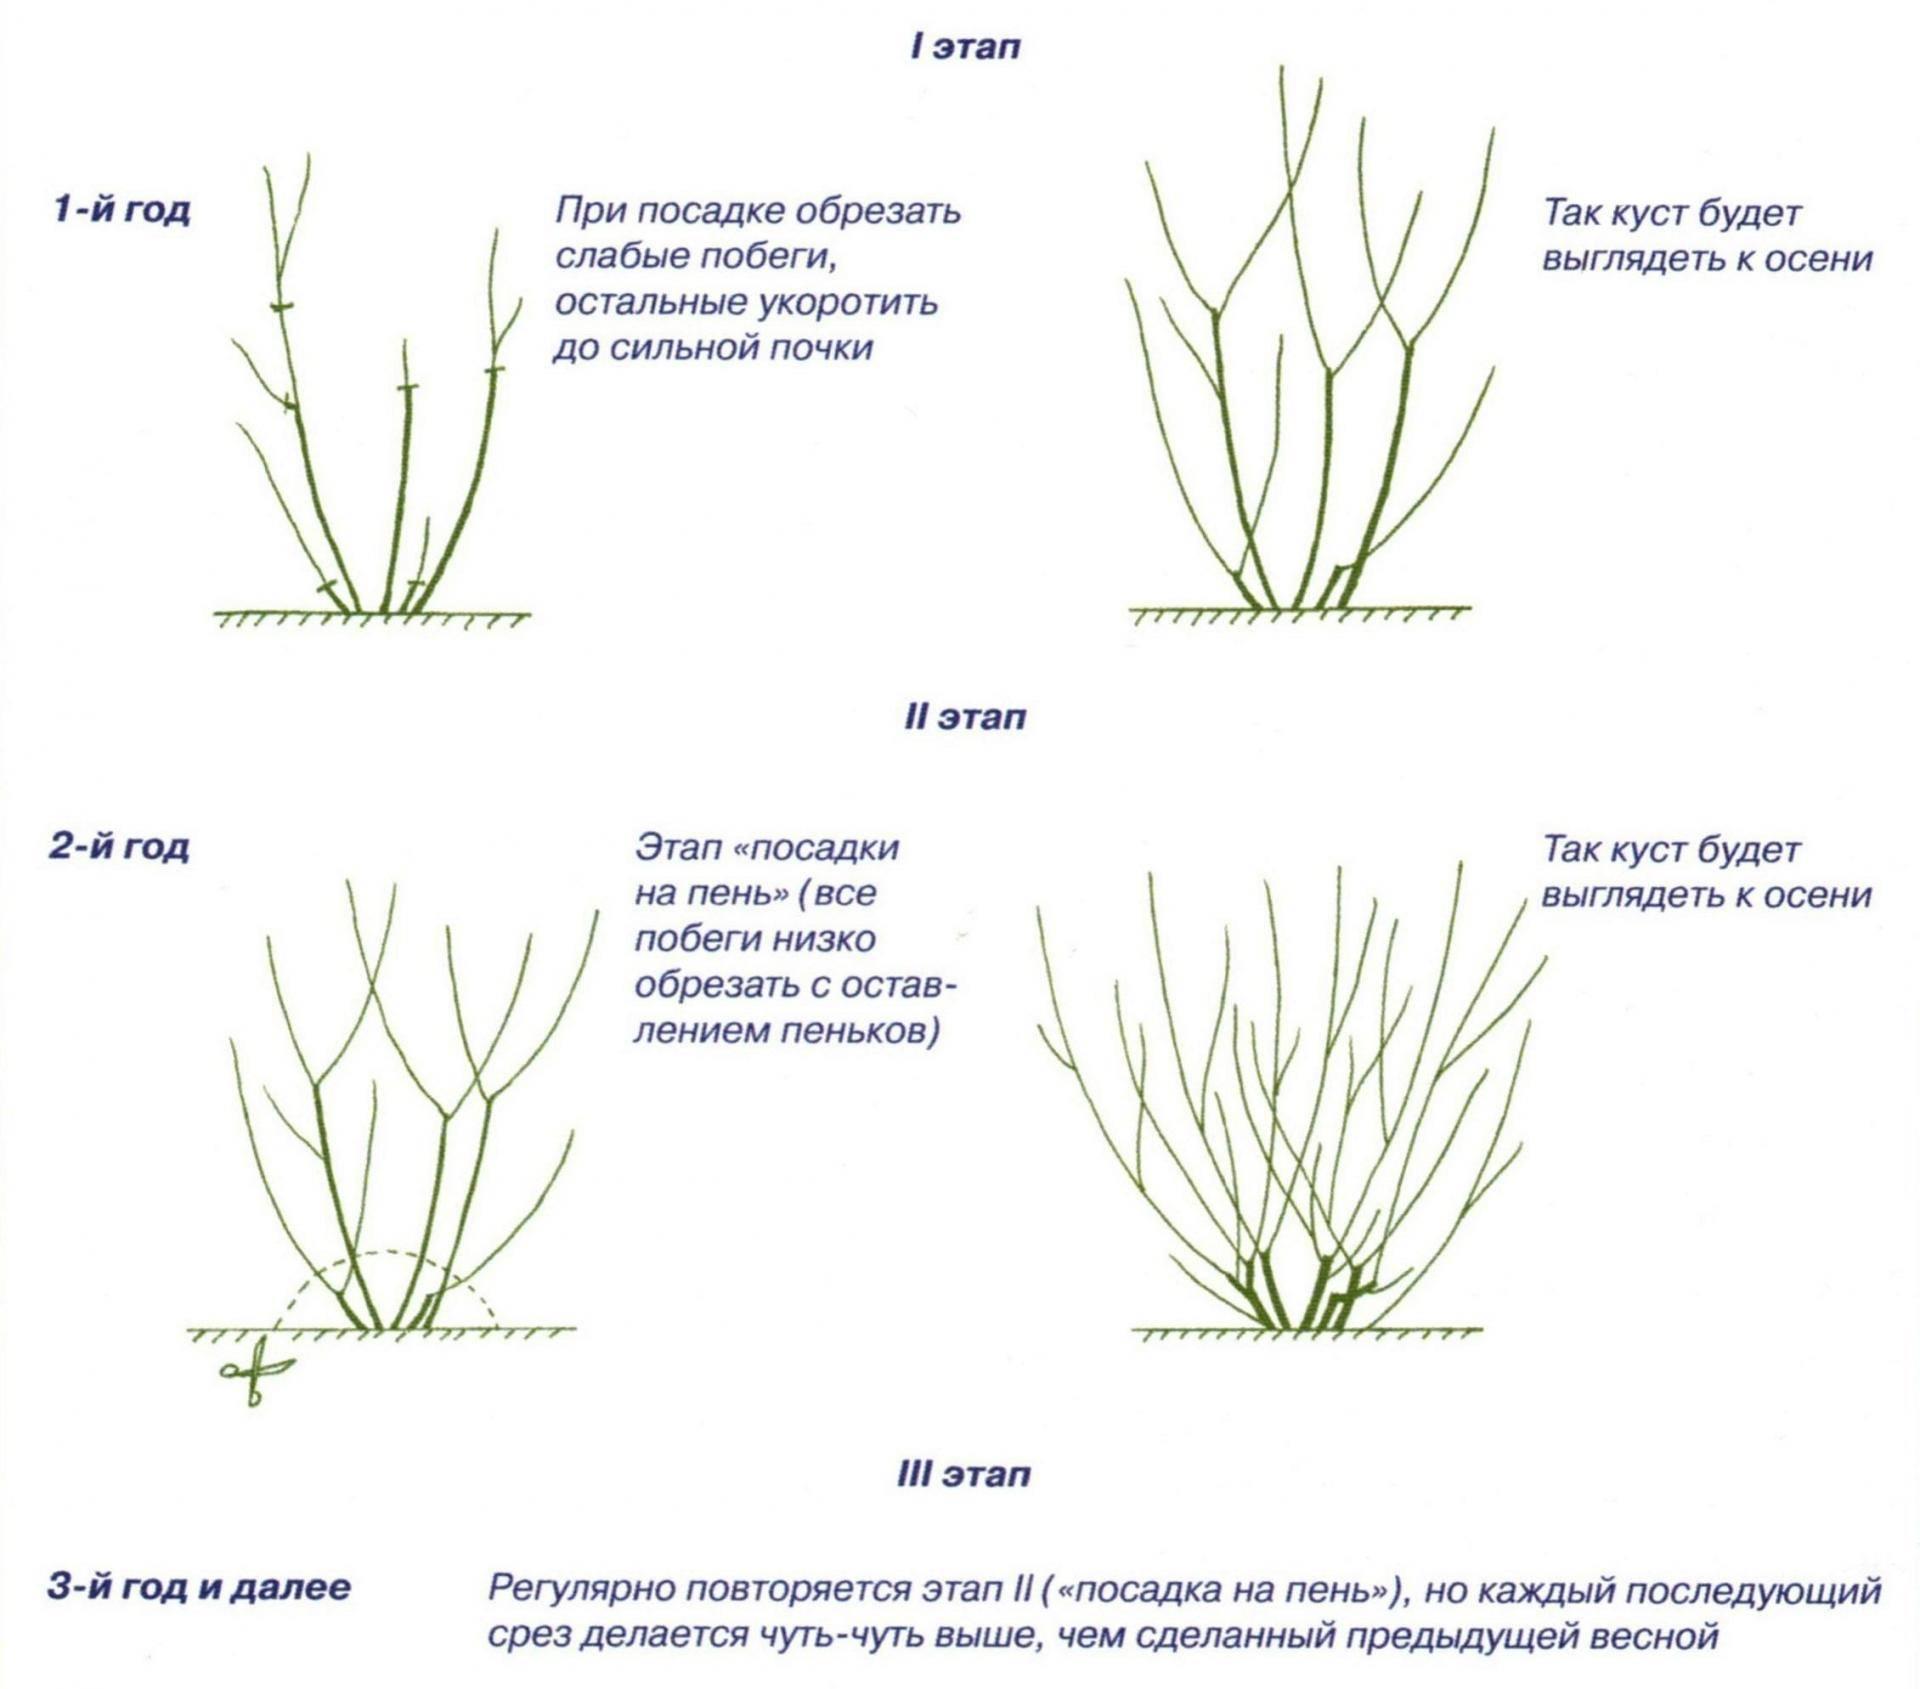 Как правильно проводить обрезку кустарников барбариса летом, весной и осенью